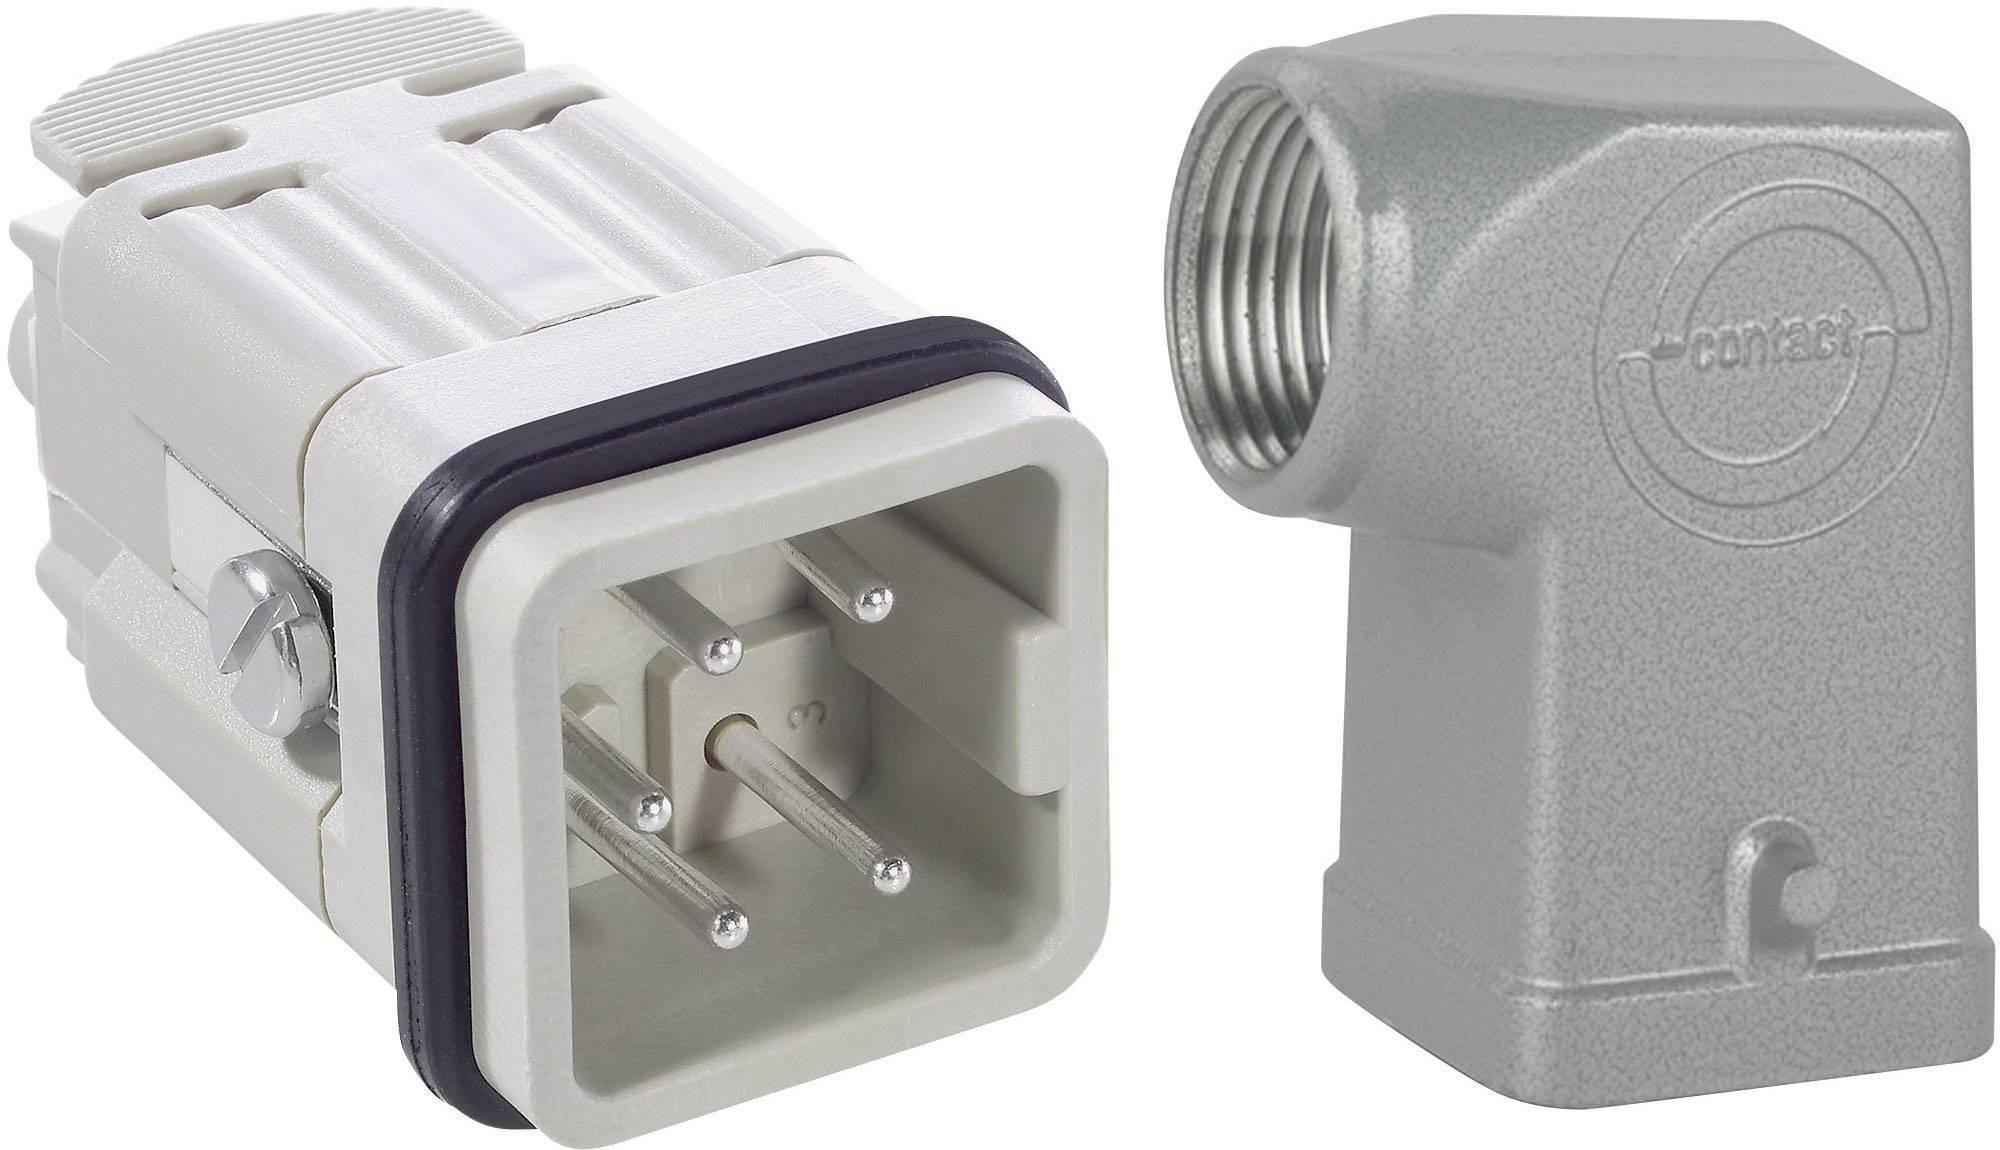 Sada konektorů EPIC®KIT H-A 4 75009616 LappKabel 4 + PE šroubovací 1 sada